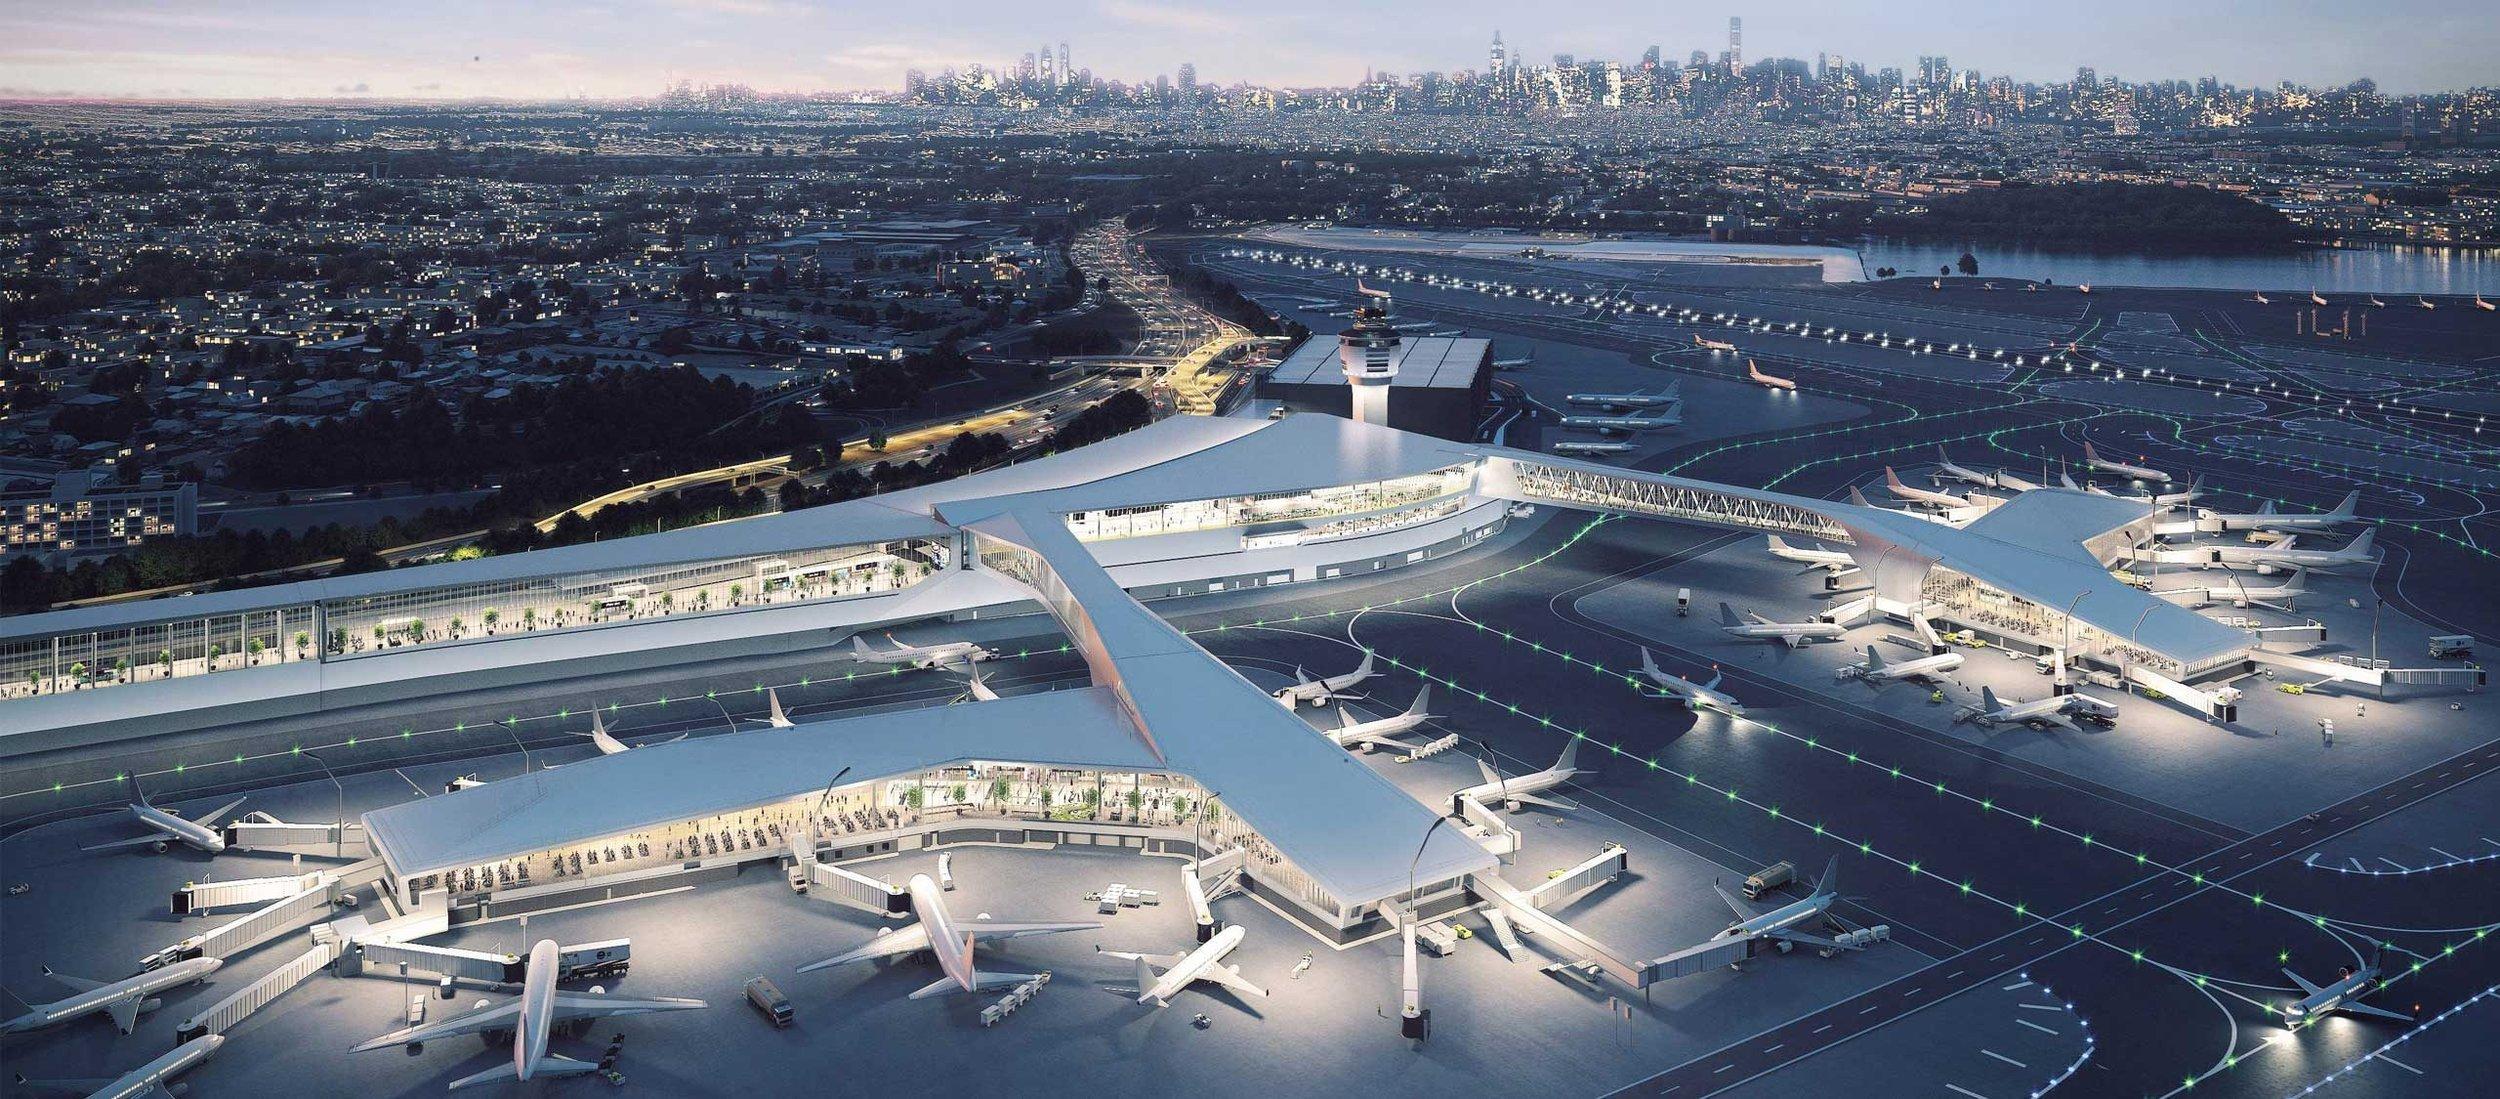 LGA-Concourse-B-1-2560x1125.jpg